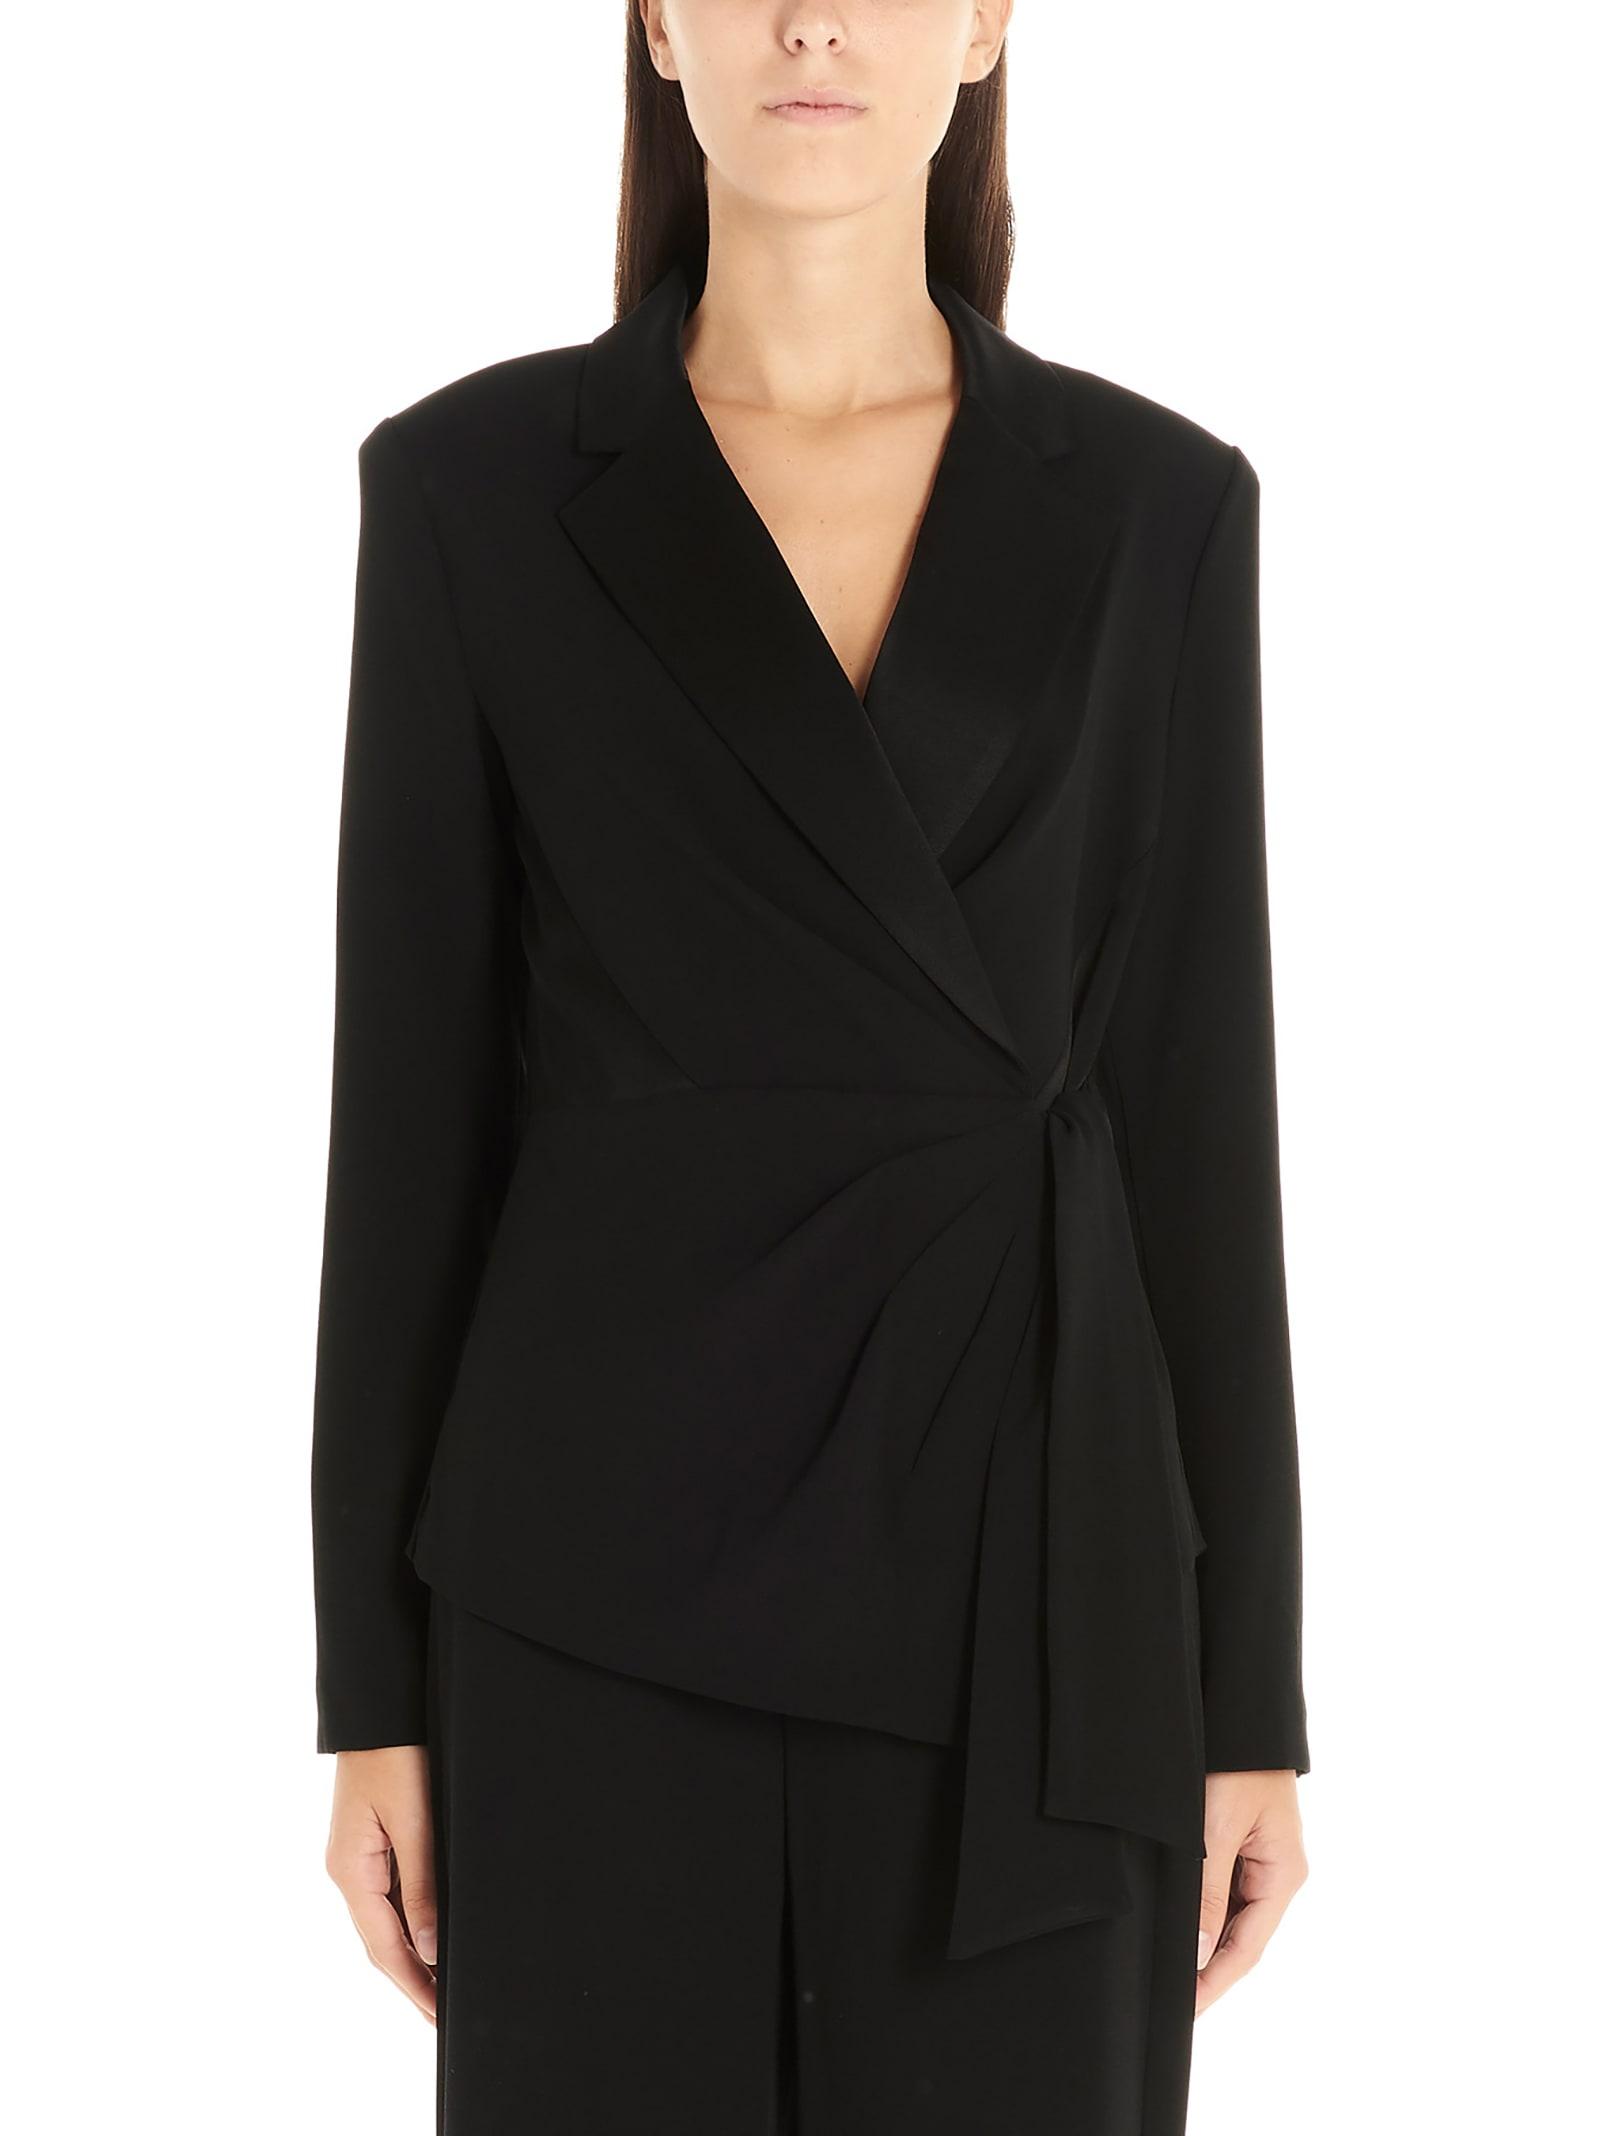 Diane Von Furstenberg lana Wool Jacket